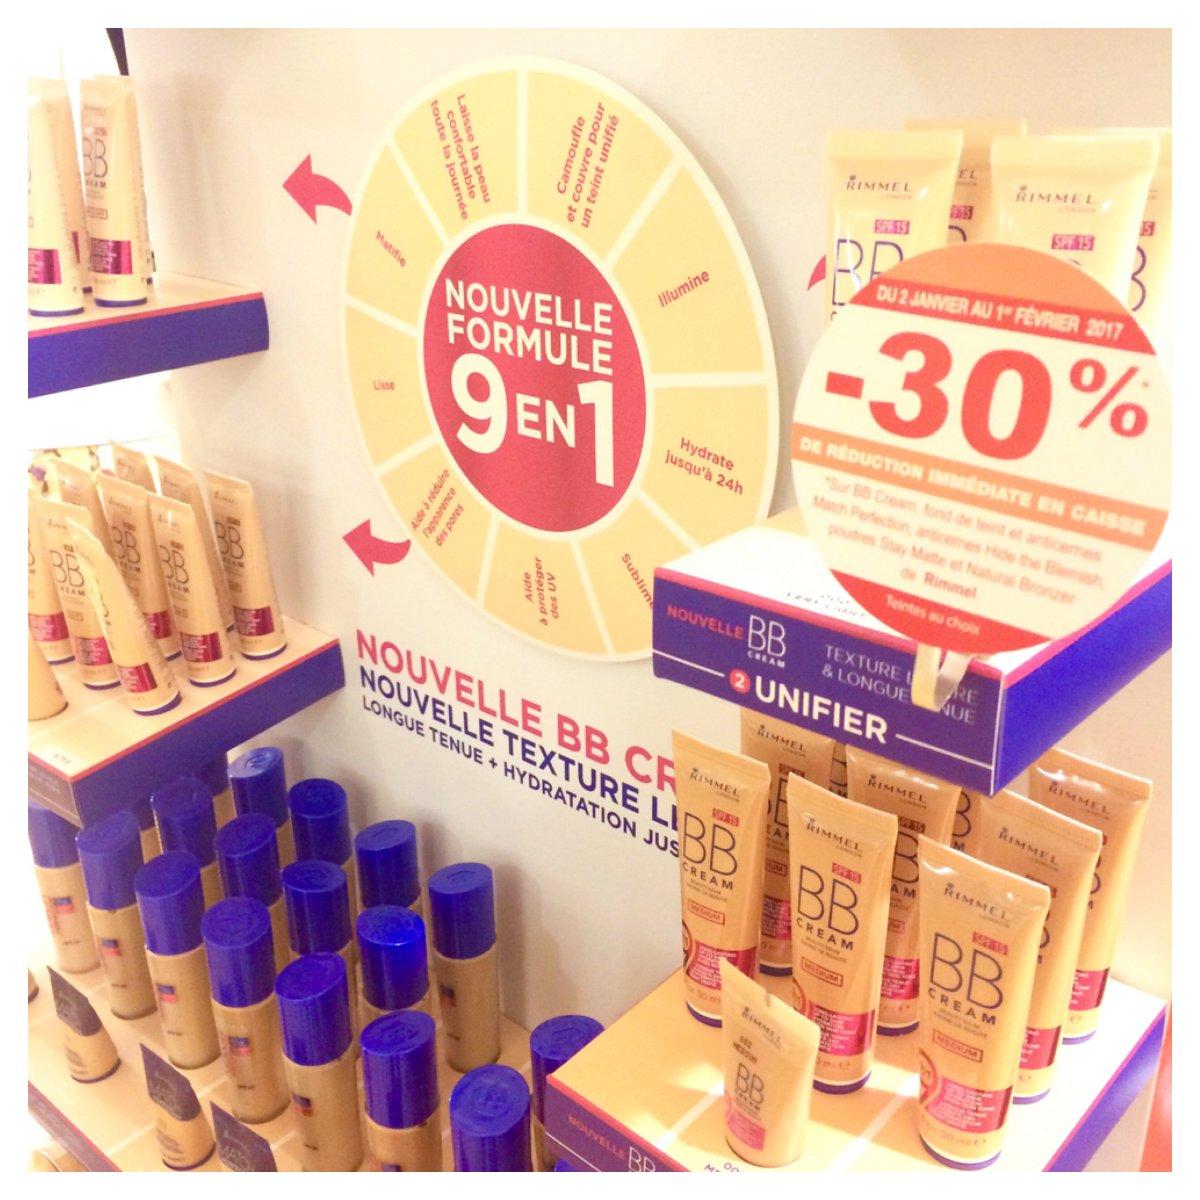 -30% sur la dernière BB crème RIMMEL chez Monoprix ! #bbcream #makeup #instamakeup #bonplan #bonsplans #codepromo #makeupaddict<br>http://pic.twitter.com/swkCaweqPc